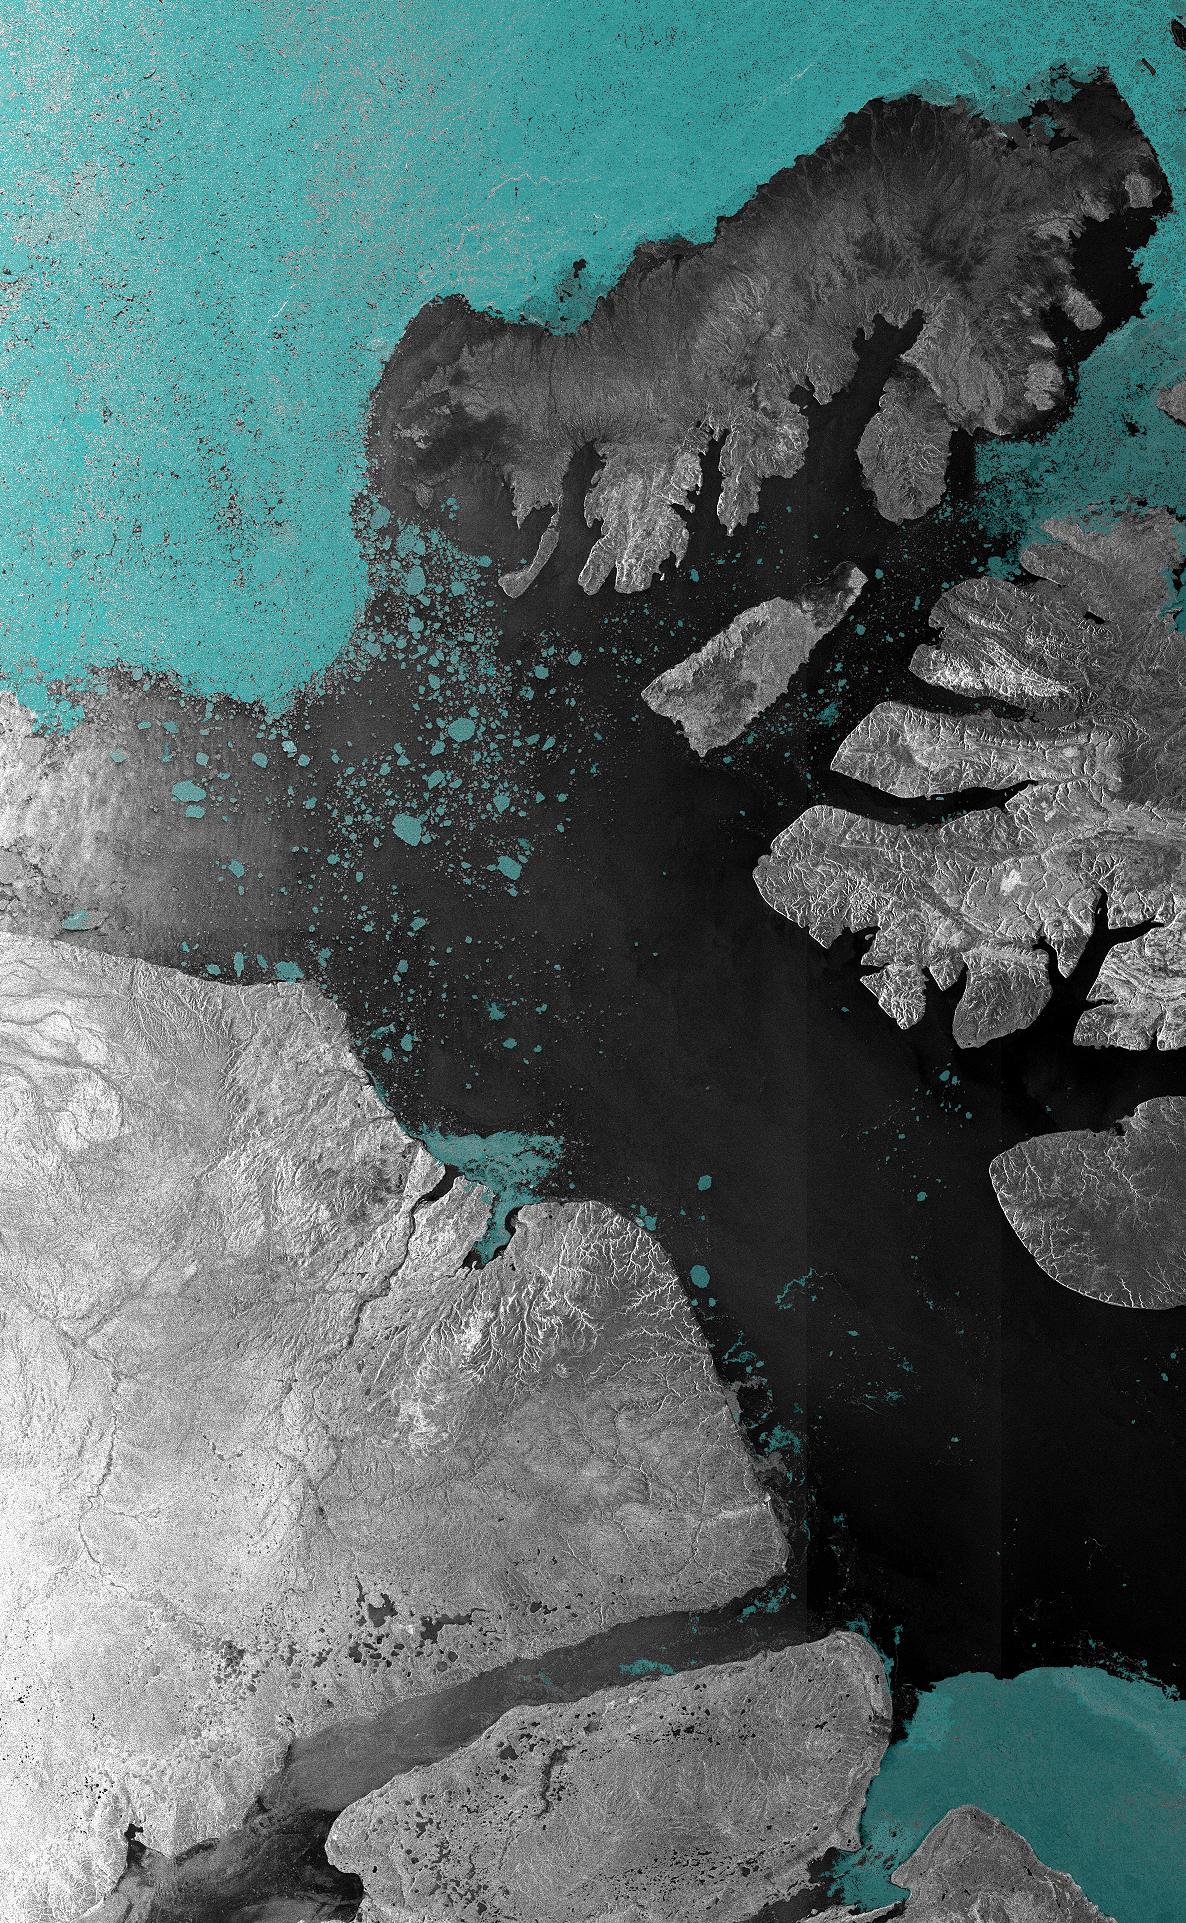 McClure Strait 31 Aug 2007